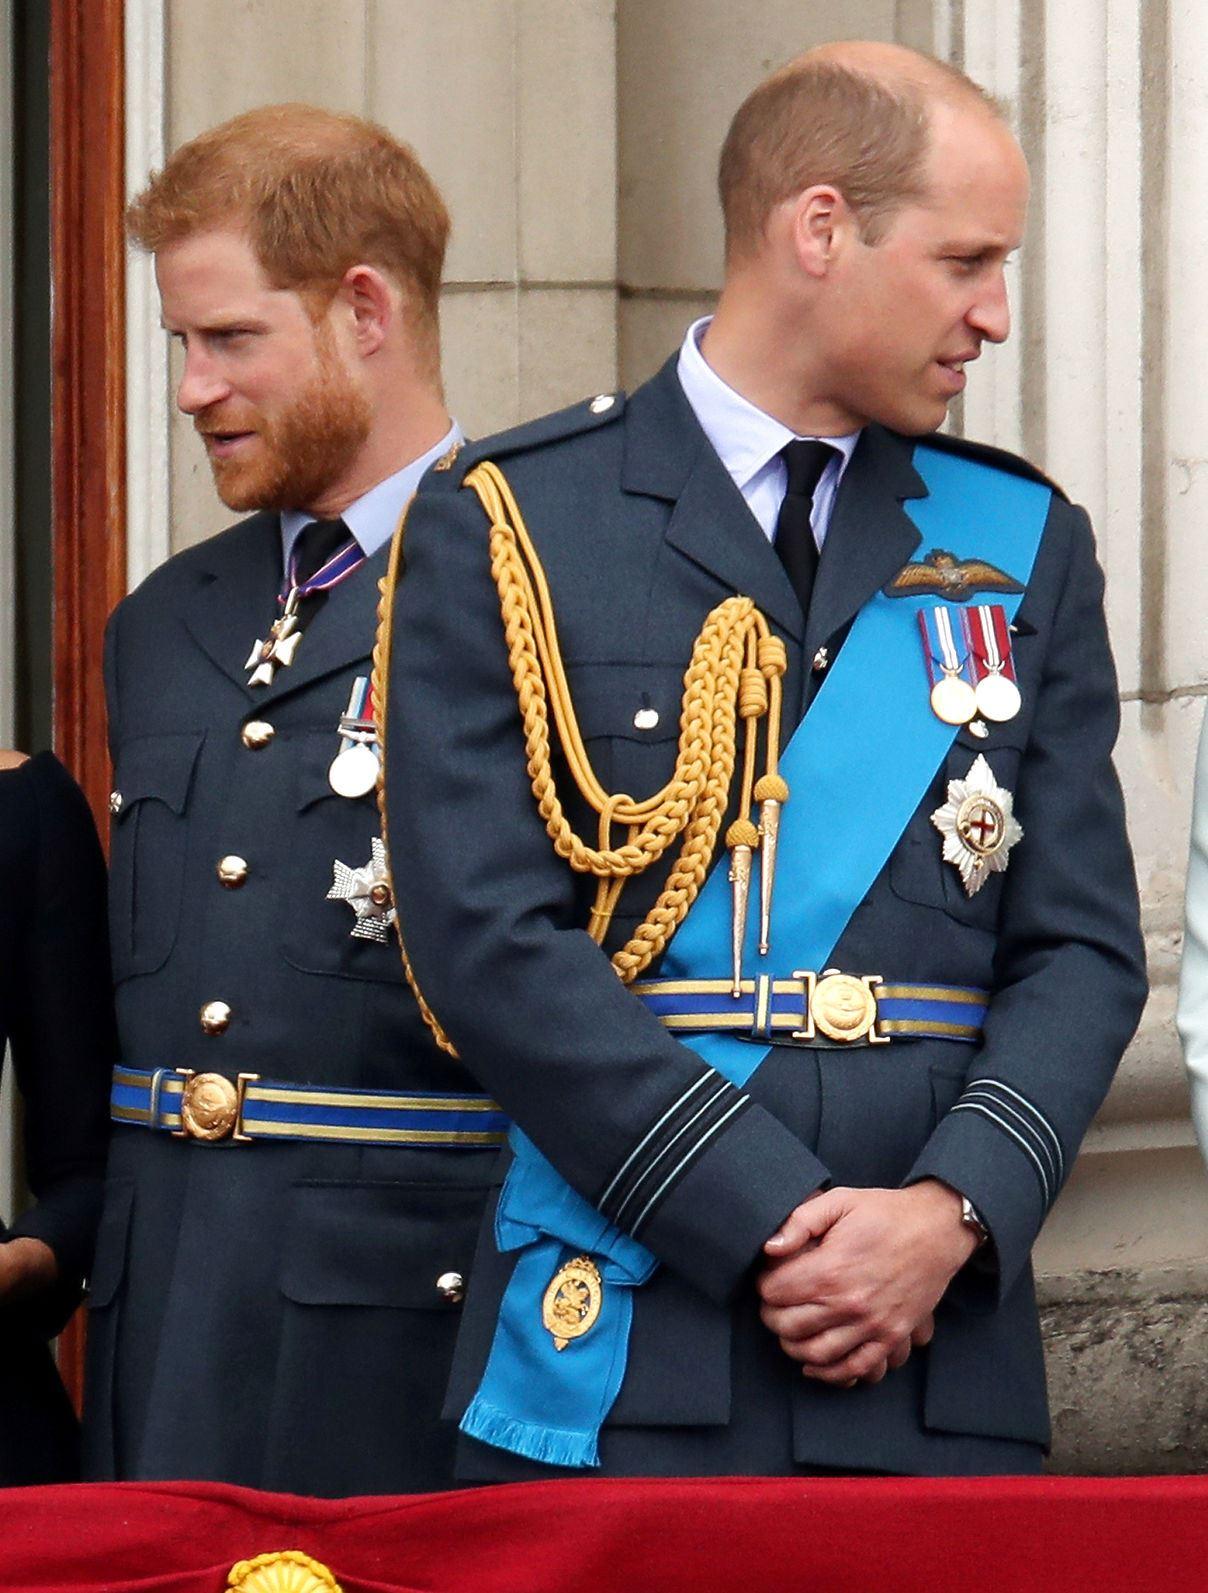 Billede af prins Harry, som kigger til venstre og prins William, som kigger til højre.